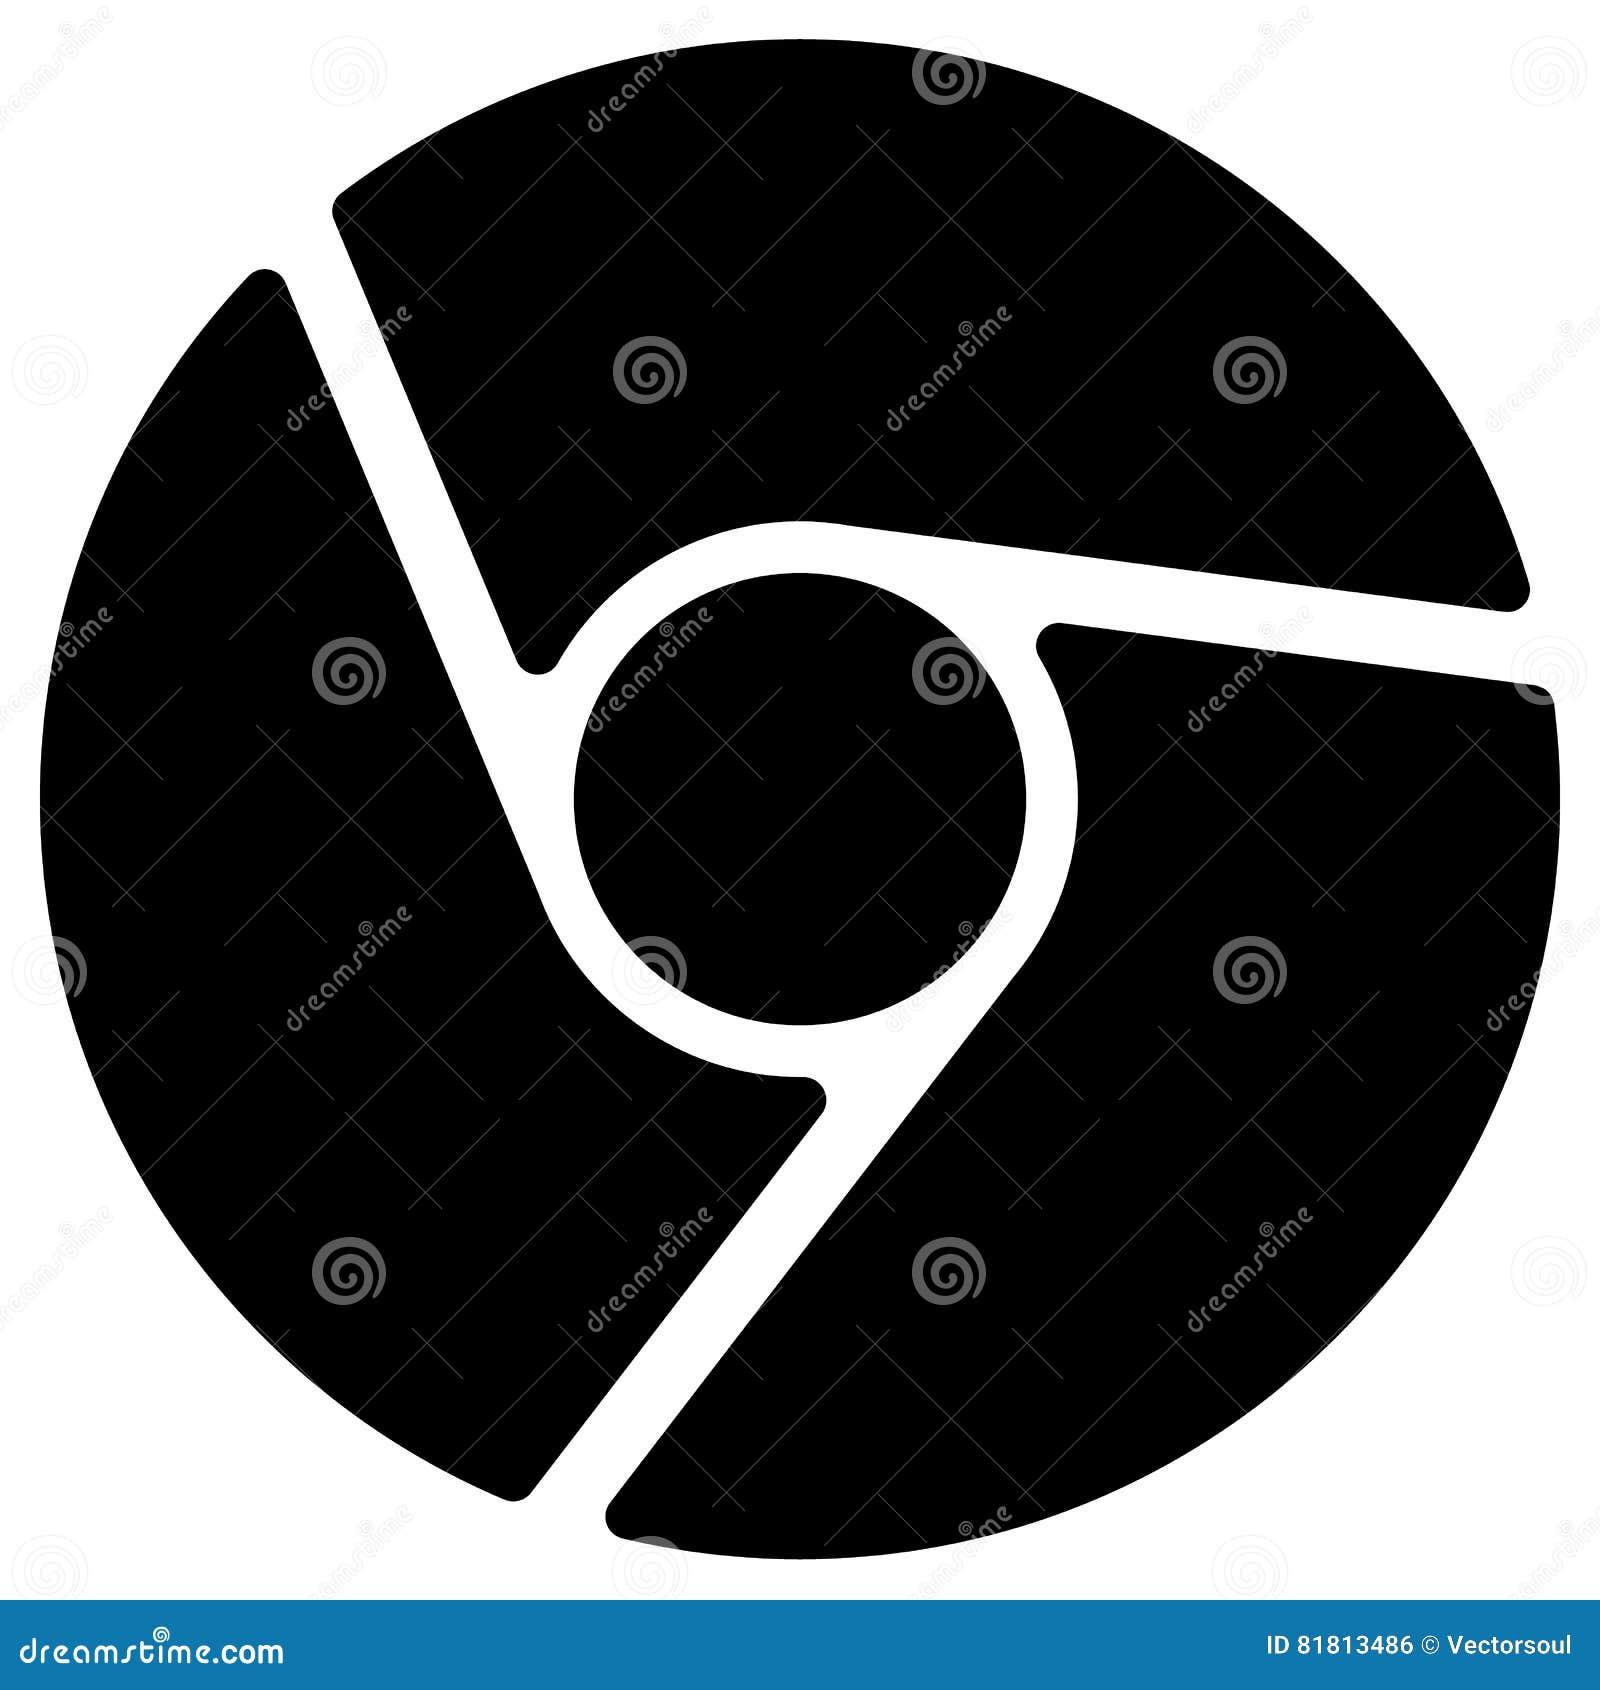 Диафрагма любит круговой символ для фотографии, технологии, гена